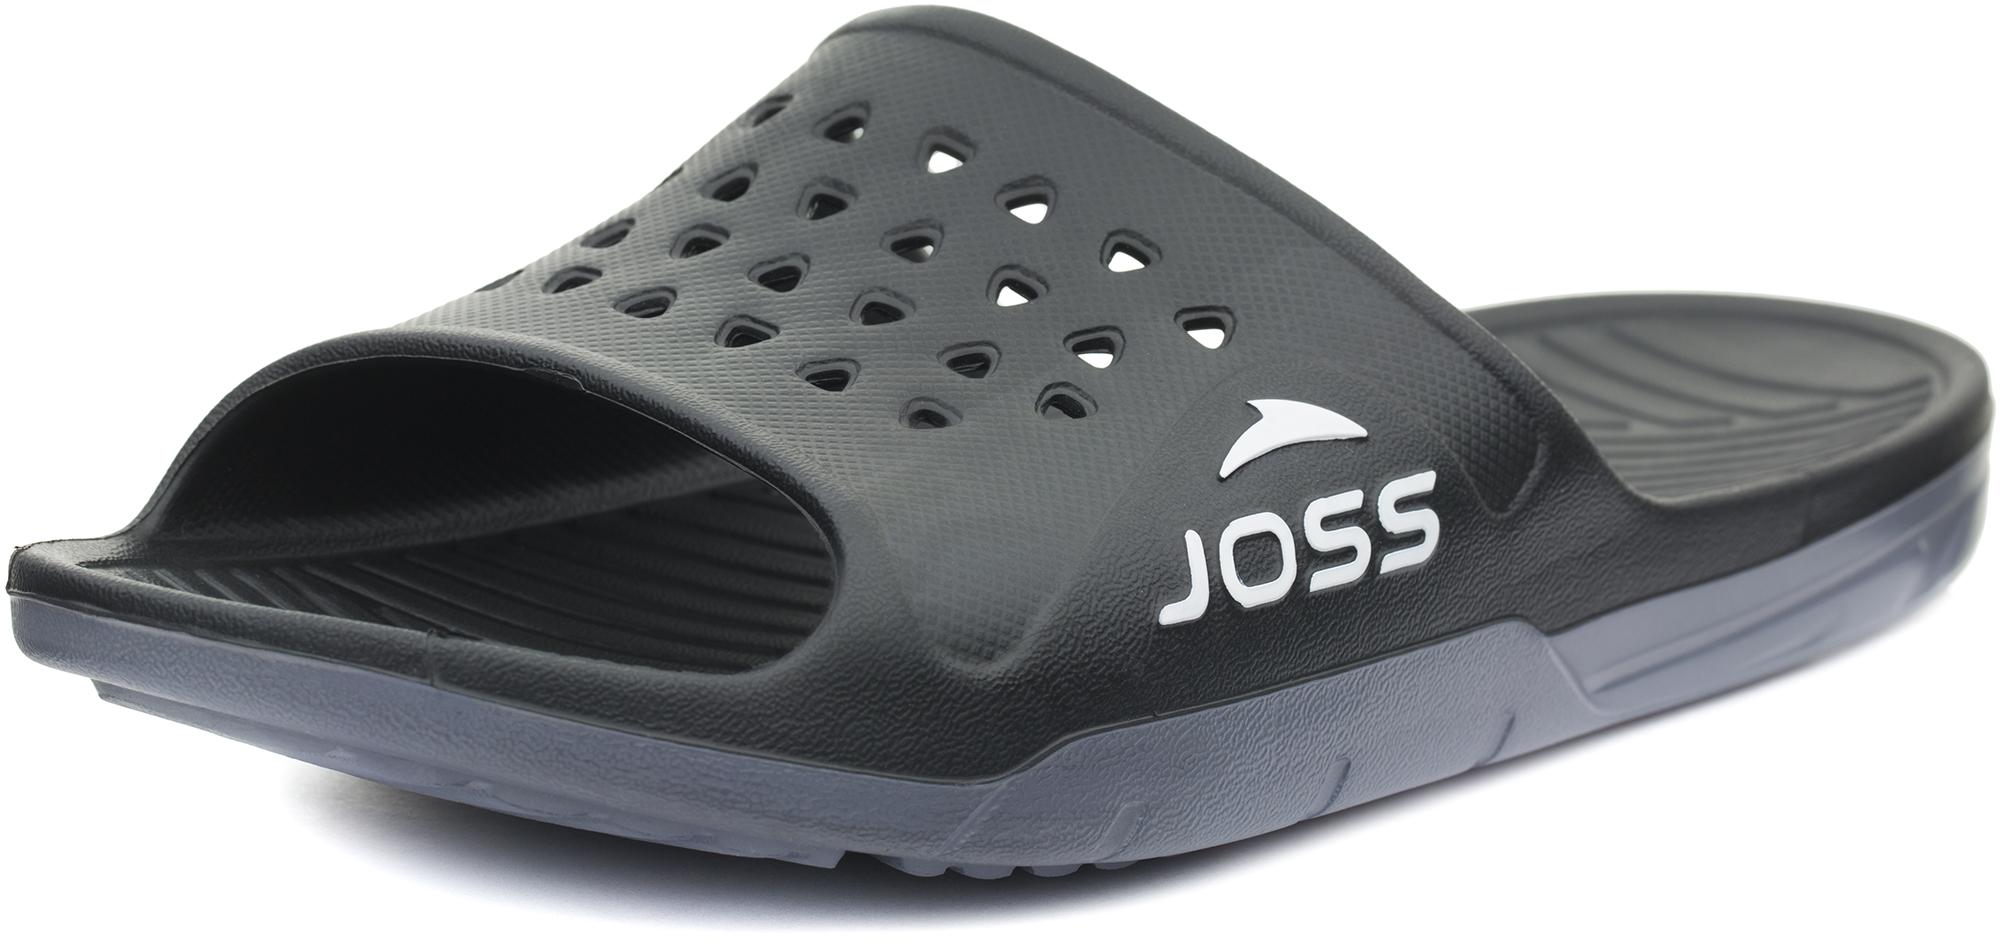 Joss Шлепанцы мужские Eclipse, размер 45